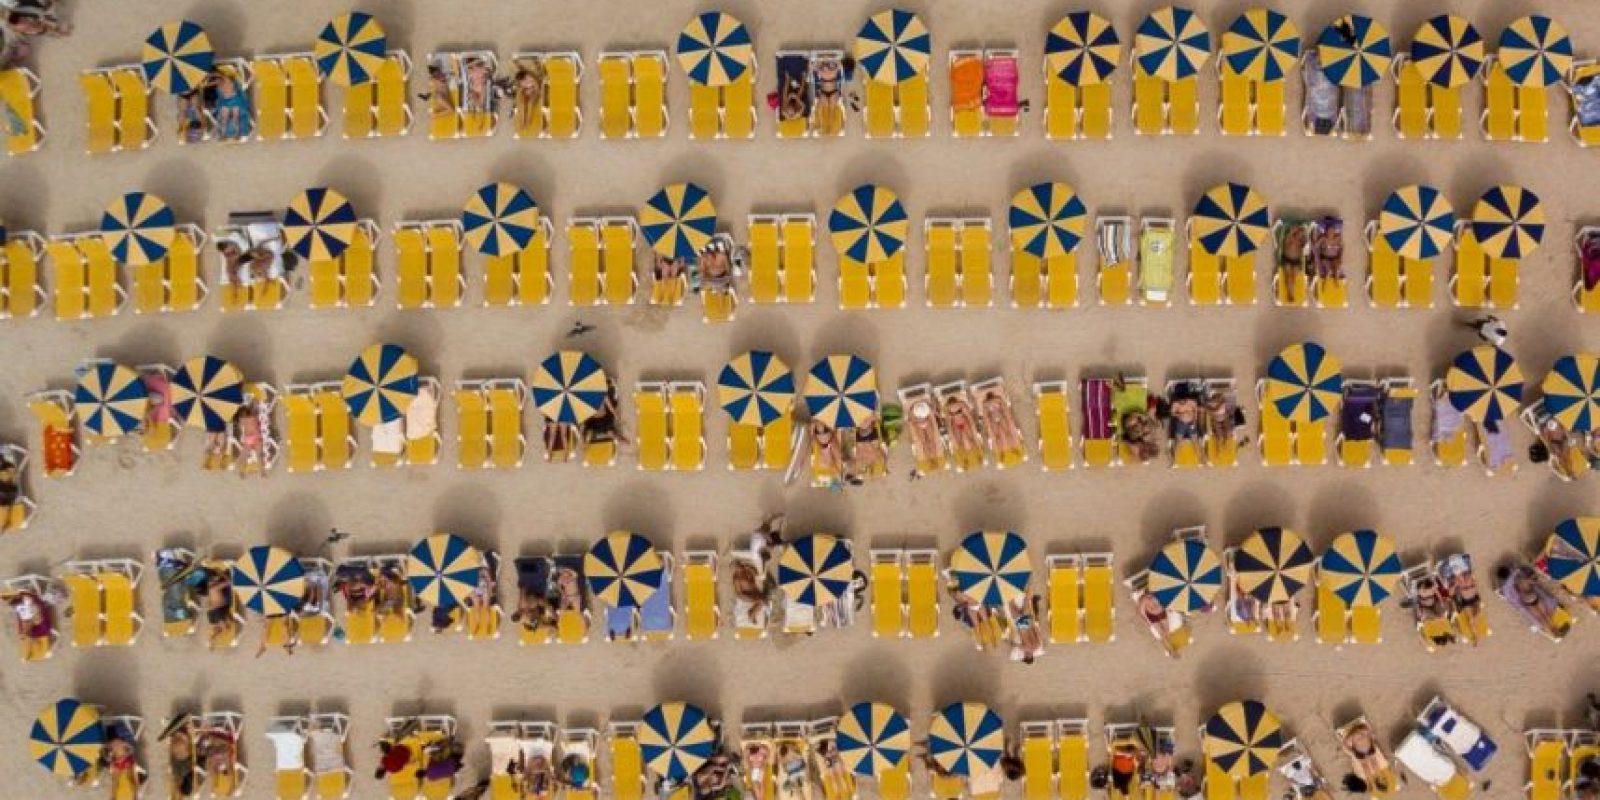 Tercer lugar: Campamento de verano en Gran Canaria Foto:Autor: Karolis Janulis – Dronestagram.com